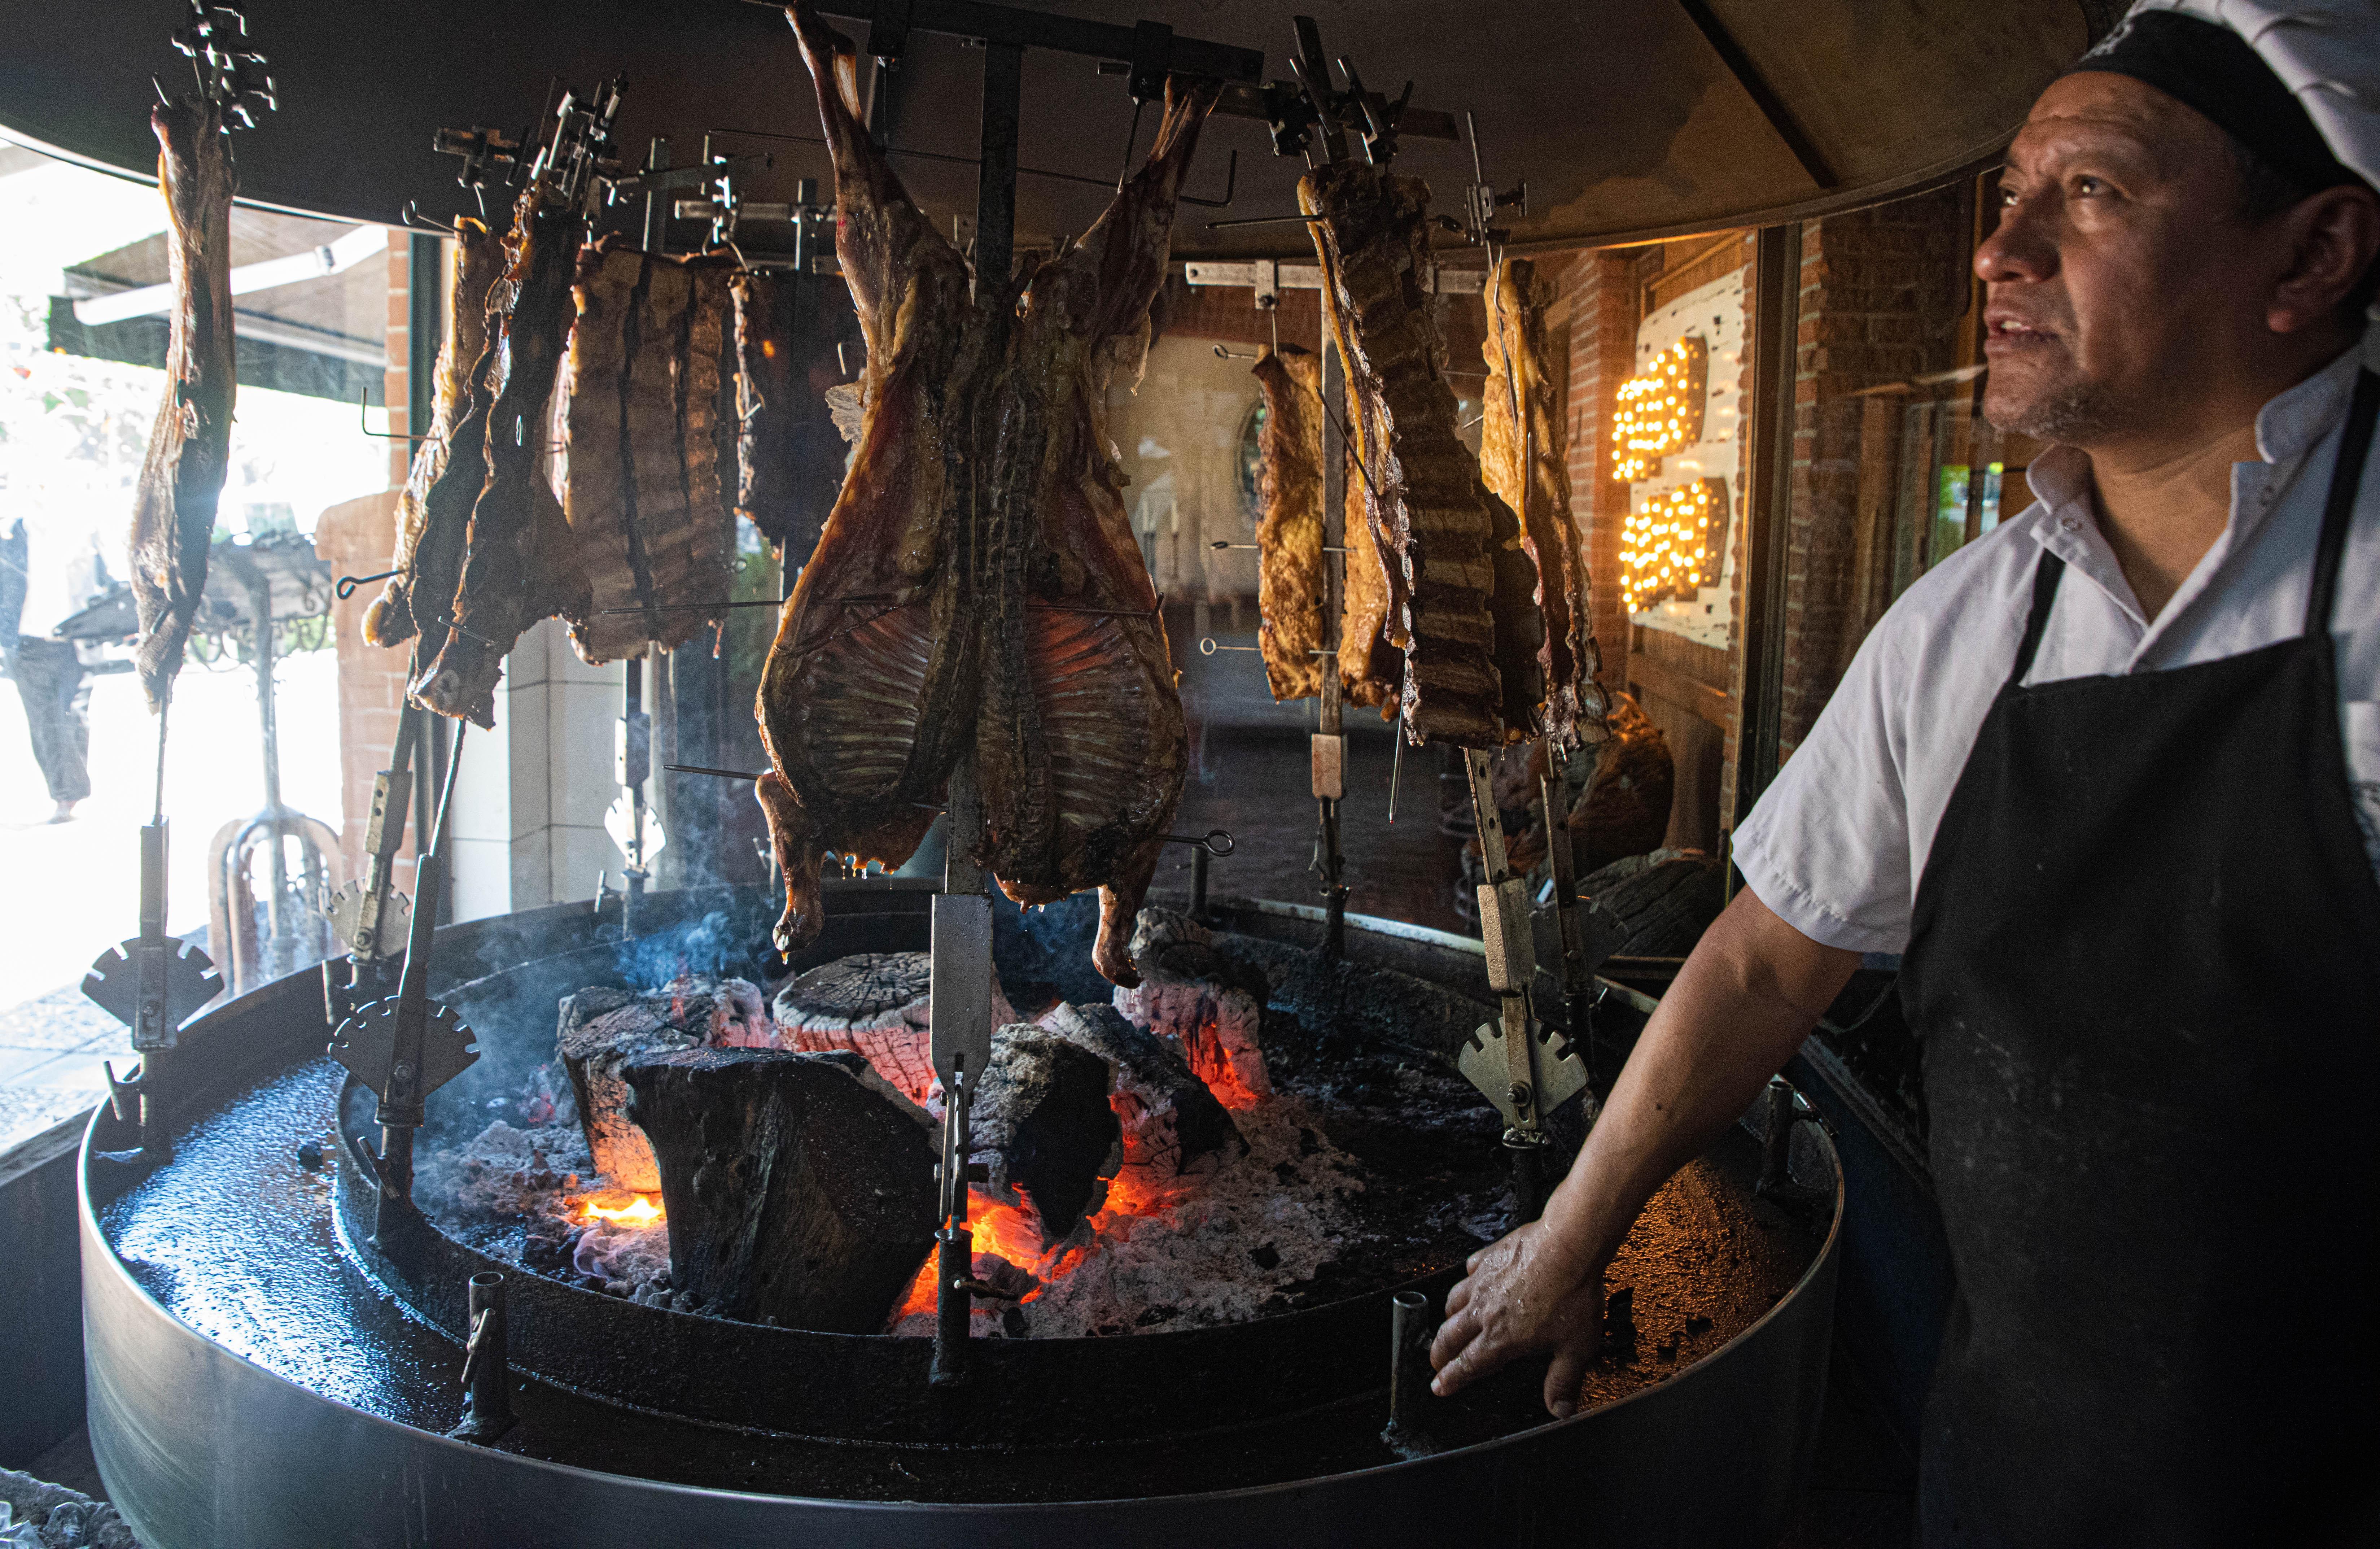 Desde noviembre de 1998 sus puertas están abiertas. Cinco socios aficionados por la gastronomía y el buen comer decidieron poner en marcha un proyecto que los represente. Hoy con más de 25 años, fue declarado por la Legislatura de la Ciudad de Buenos Aires sitio de interés turístico